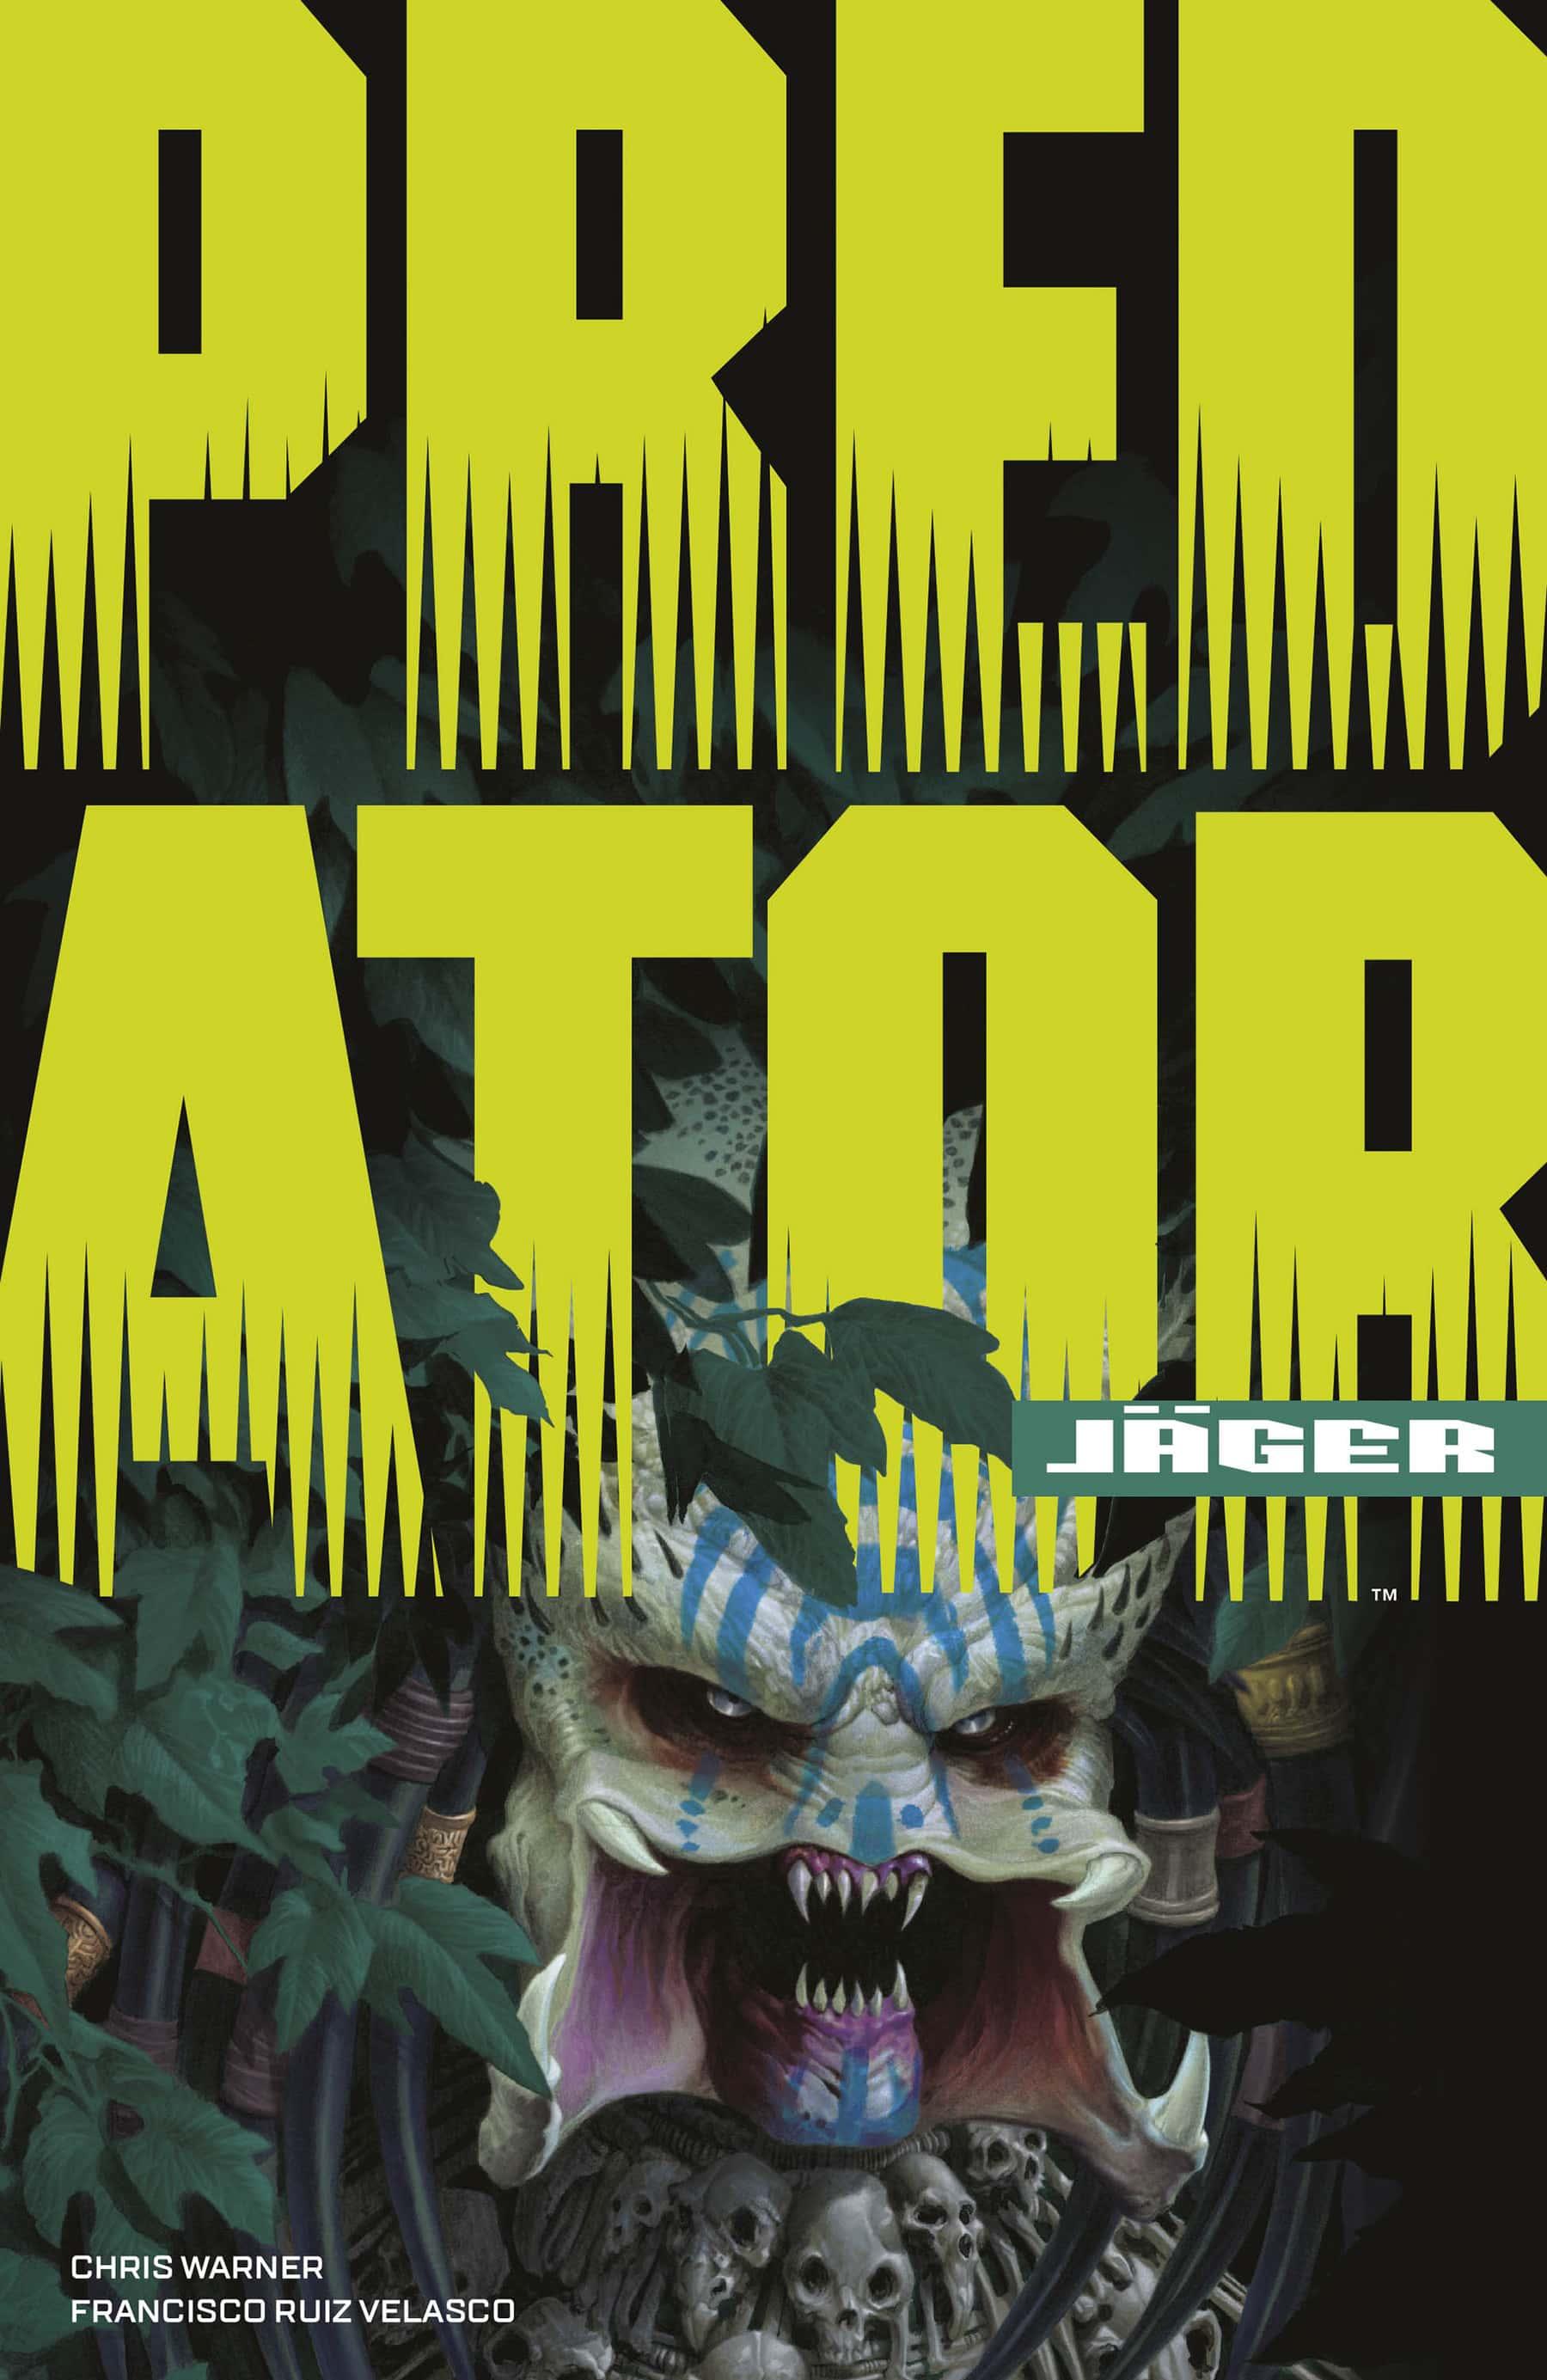 Predator_Jaeger_Cover_neu_rgb